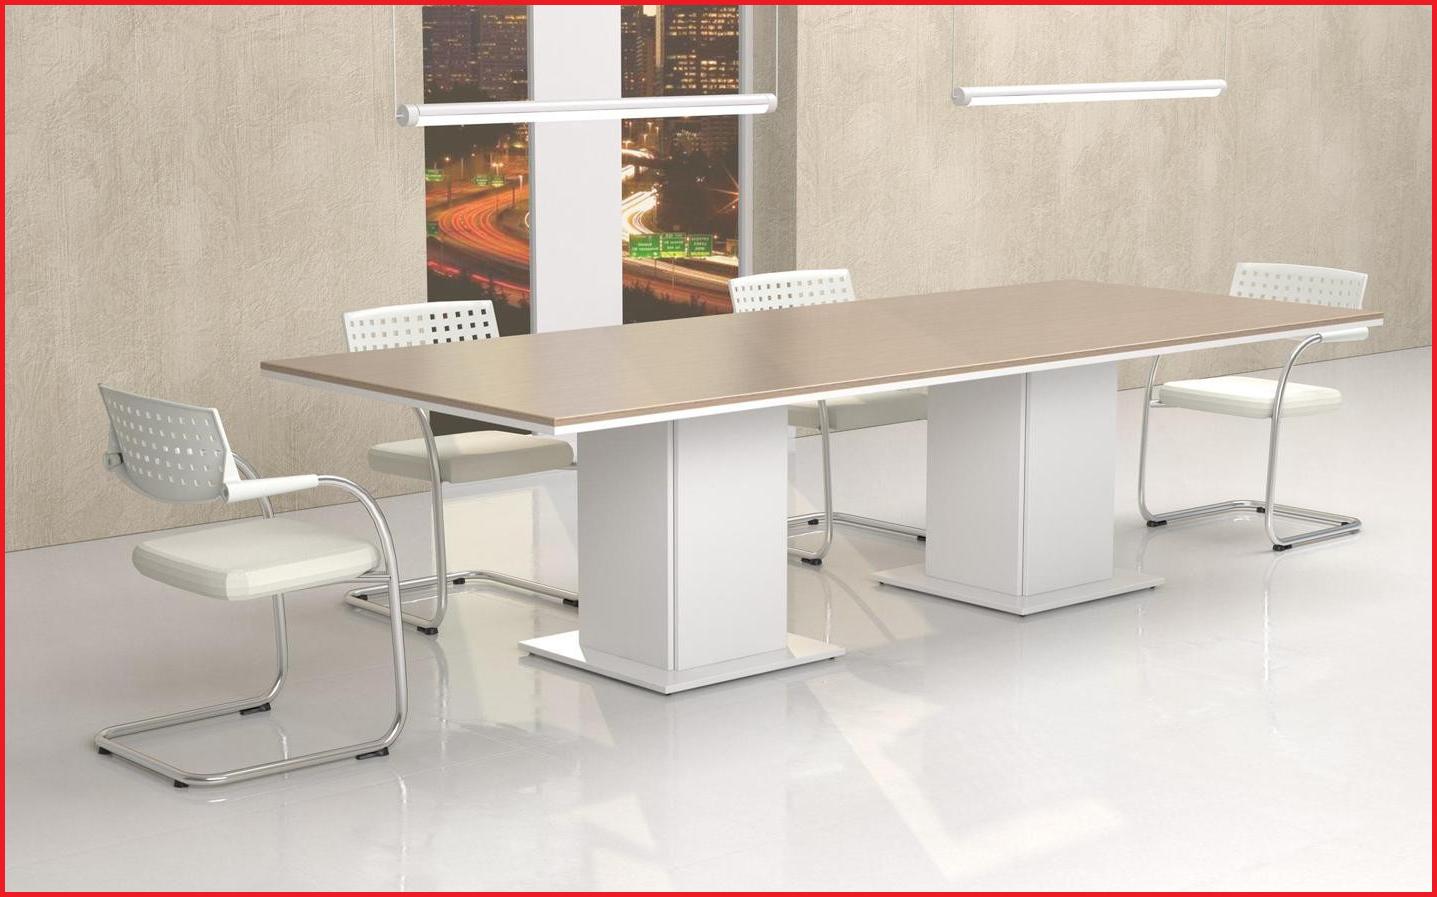 Muebles Oficina Malaga Dwdk Muebles Oficina Malaga Mobiliario De Oficina En MÃ Laga